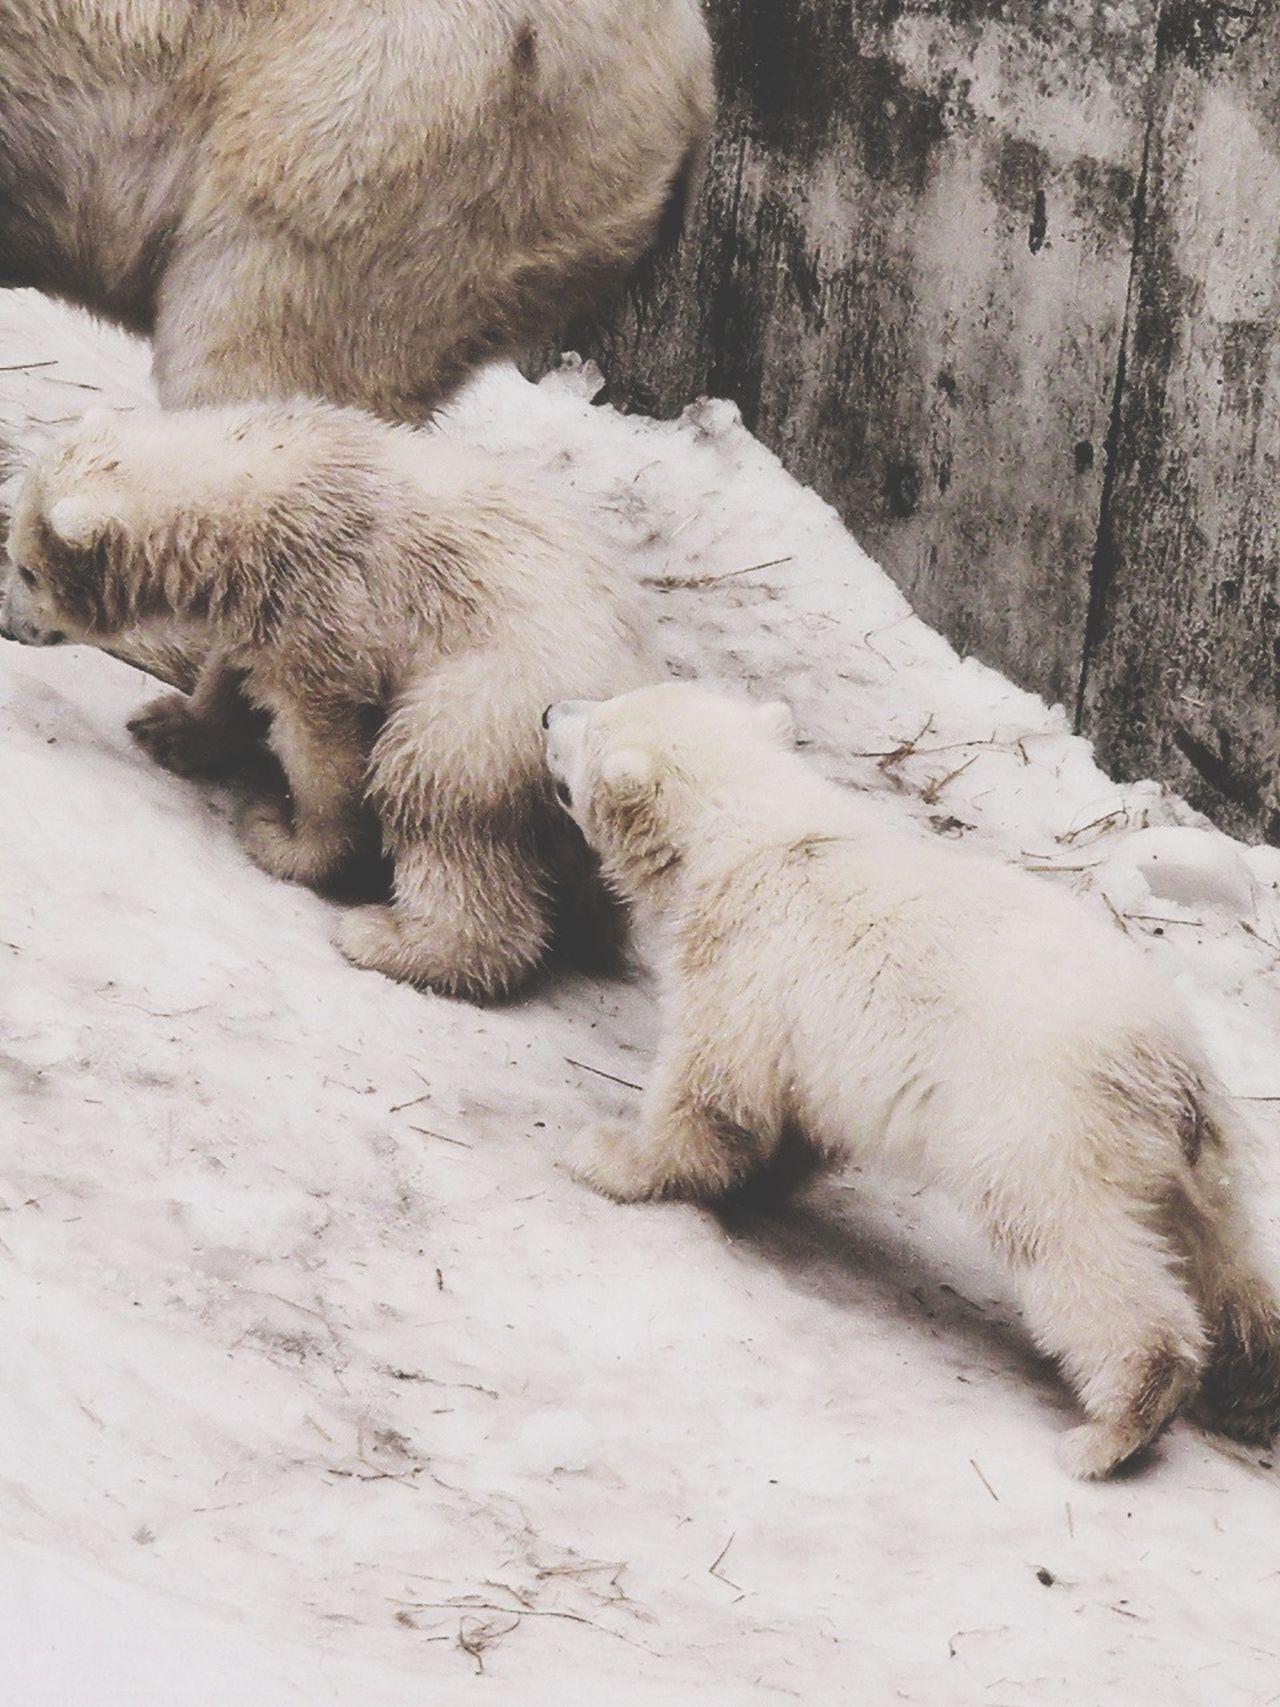 Born in December 2012 Baby Polar Bear